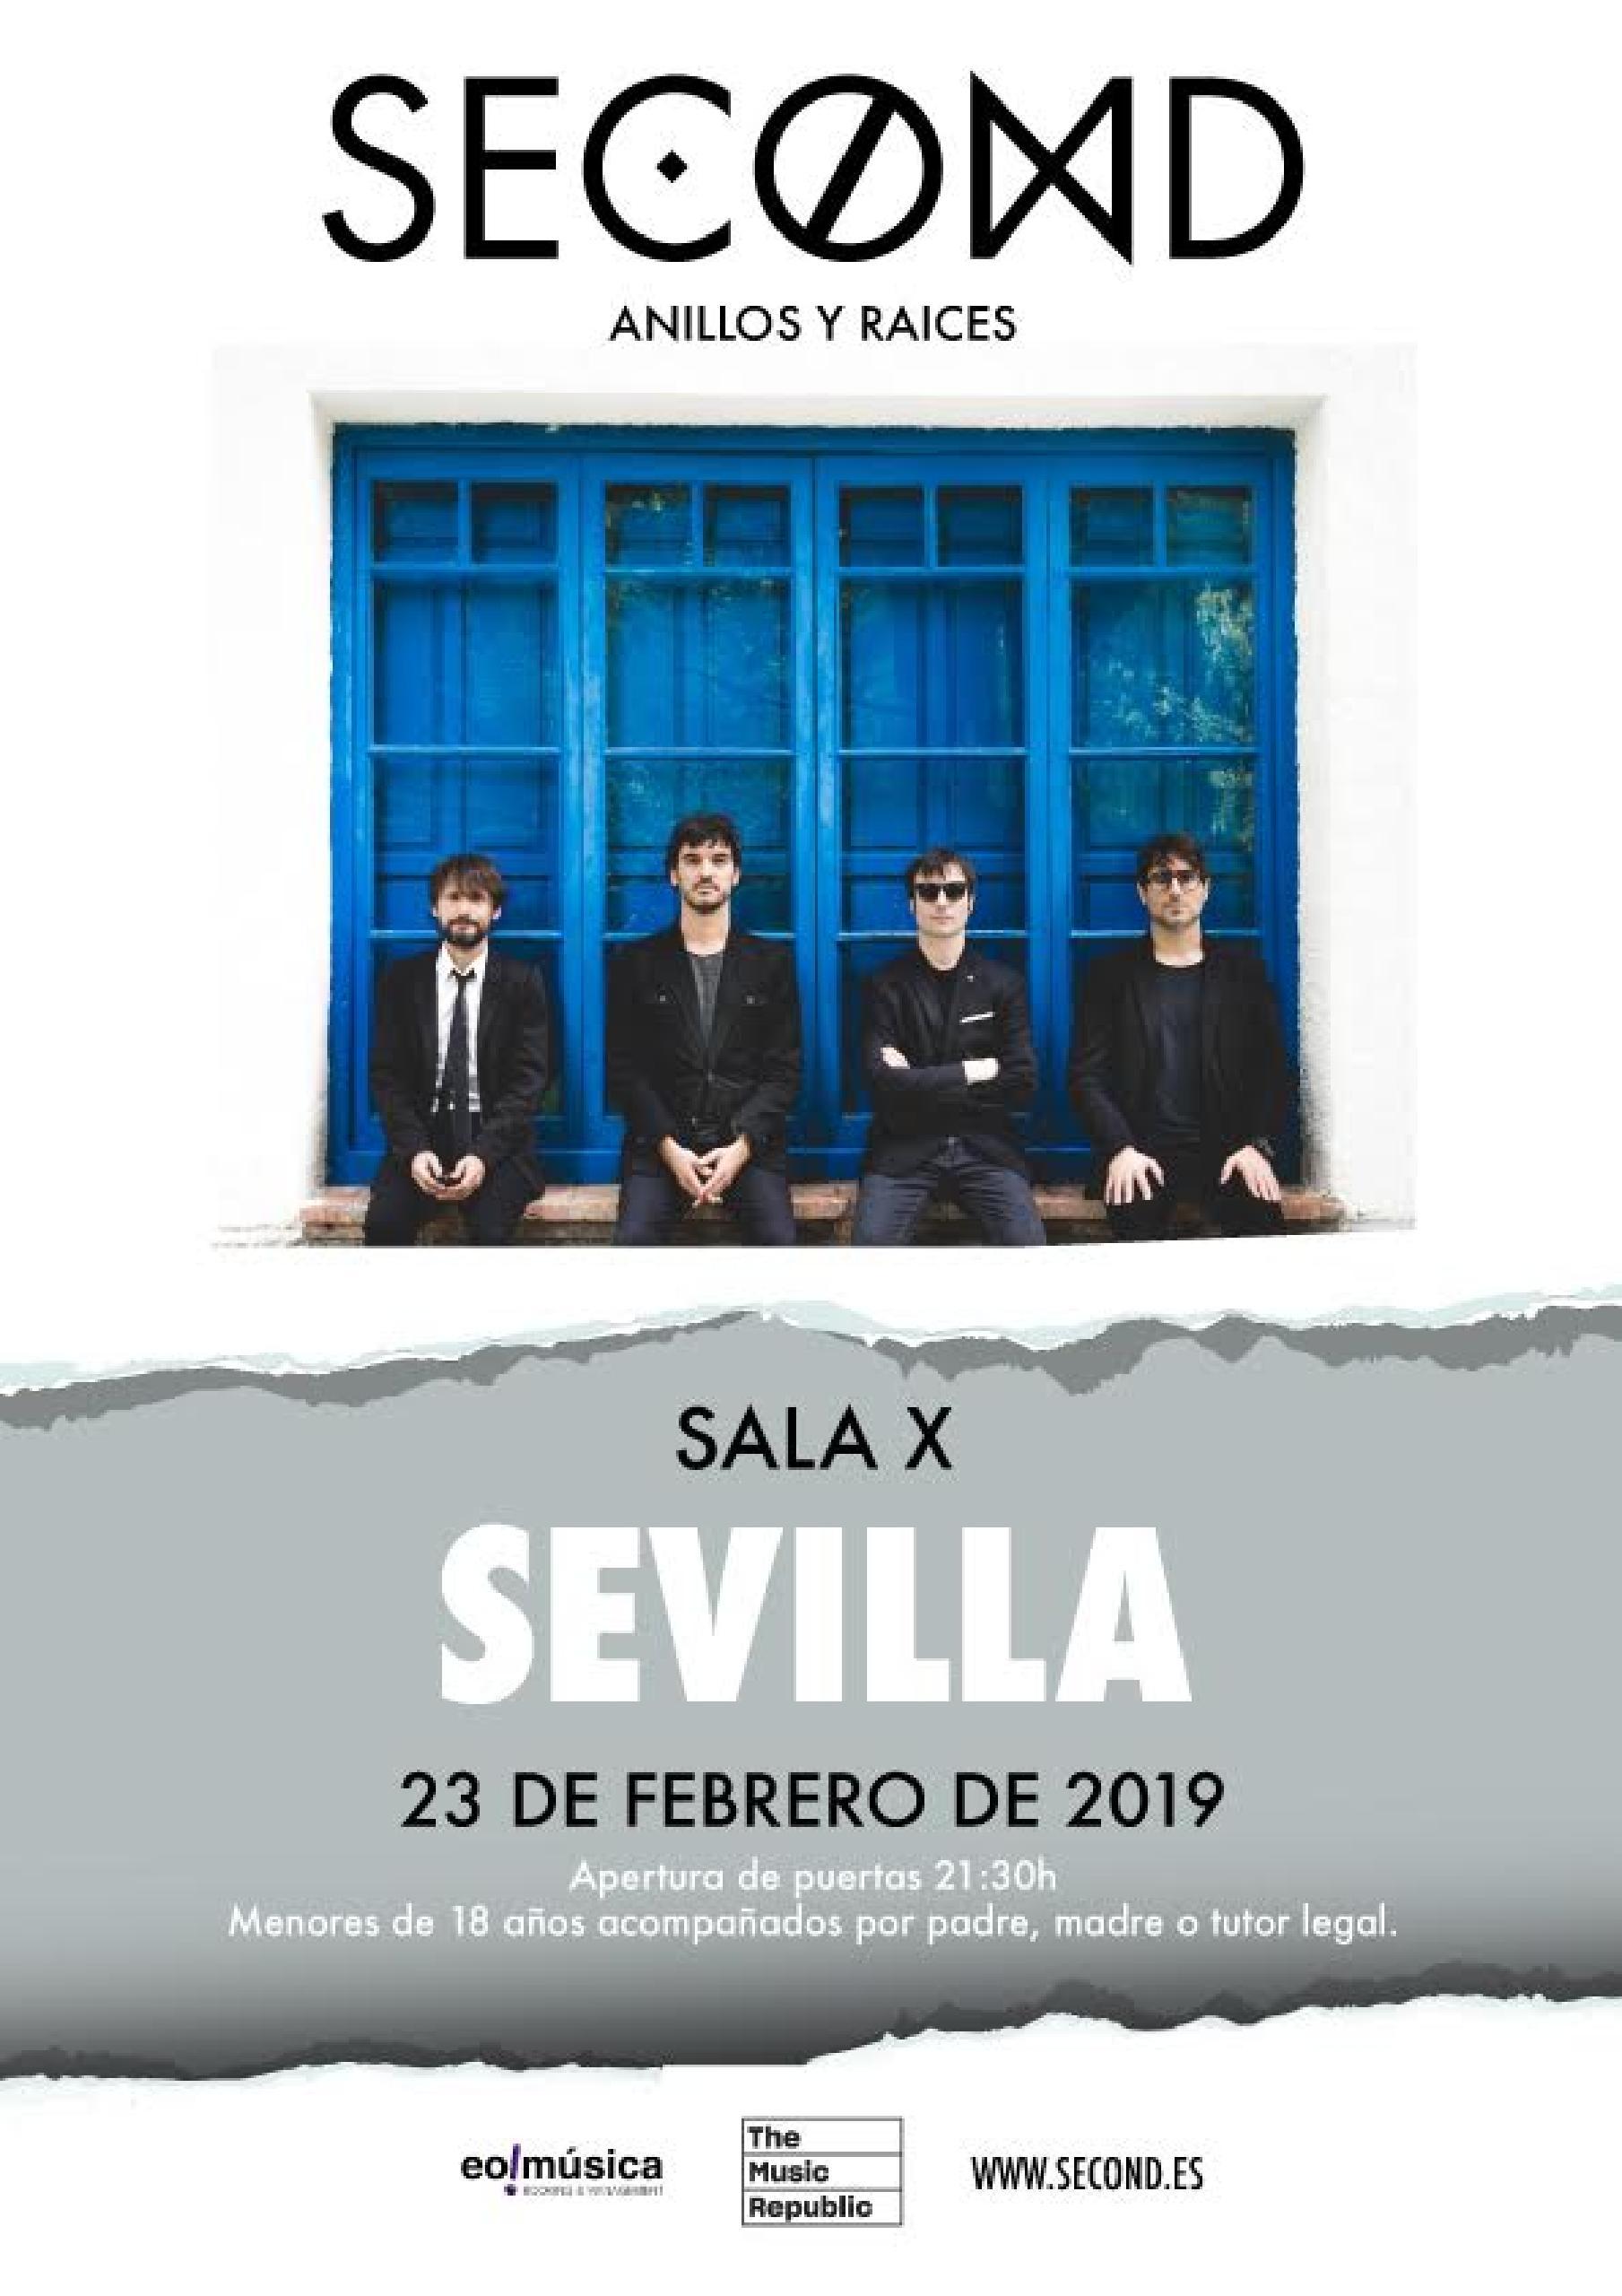 Concierto de Second en Sevilla